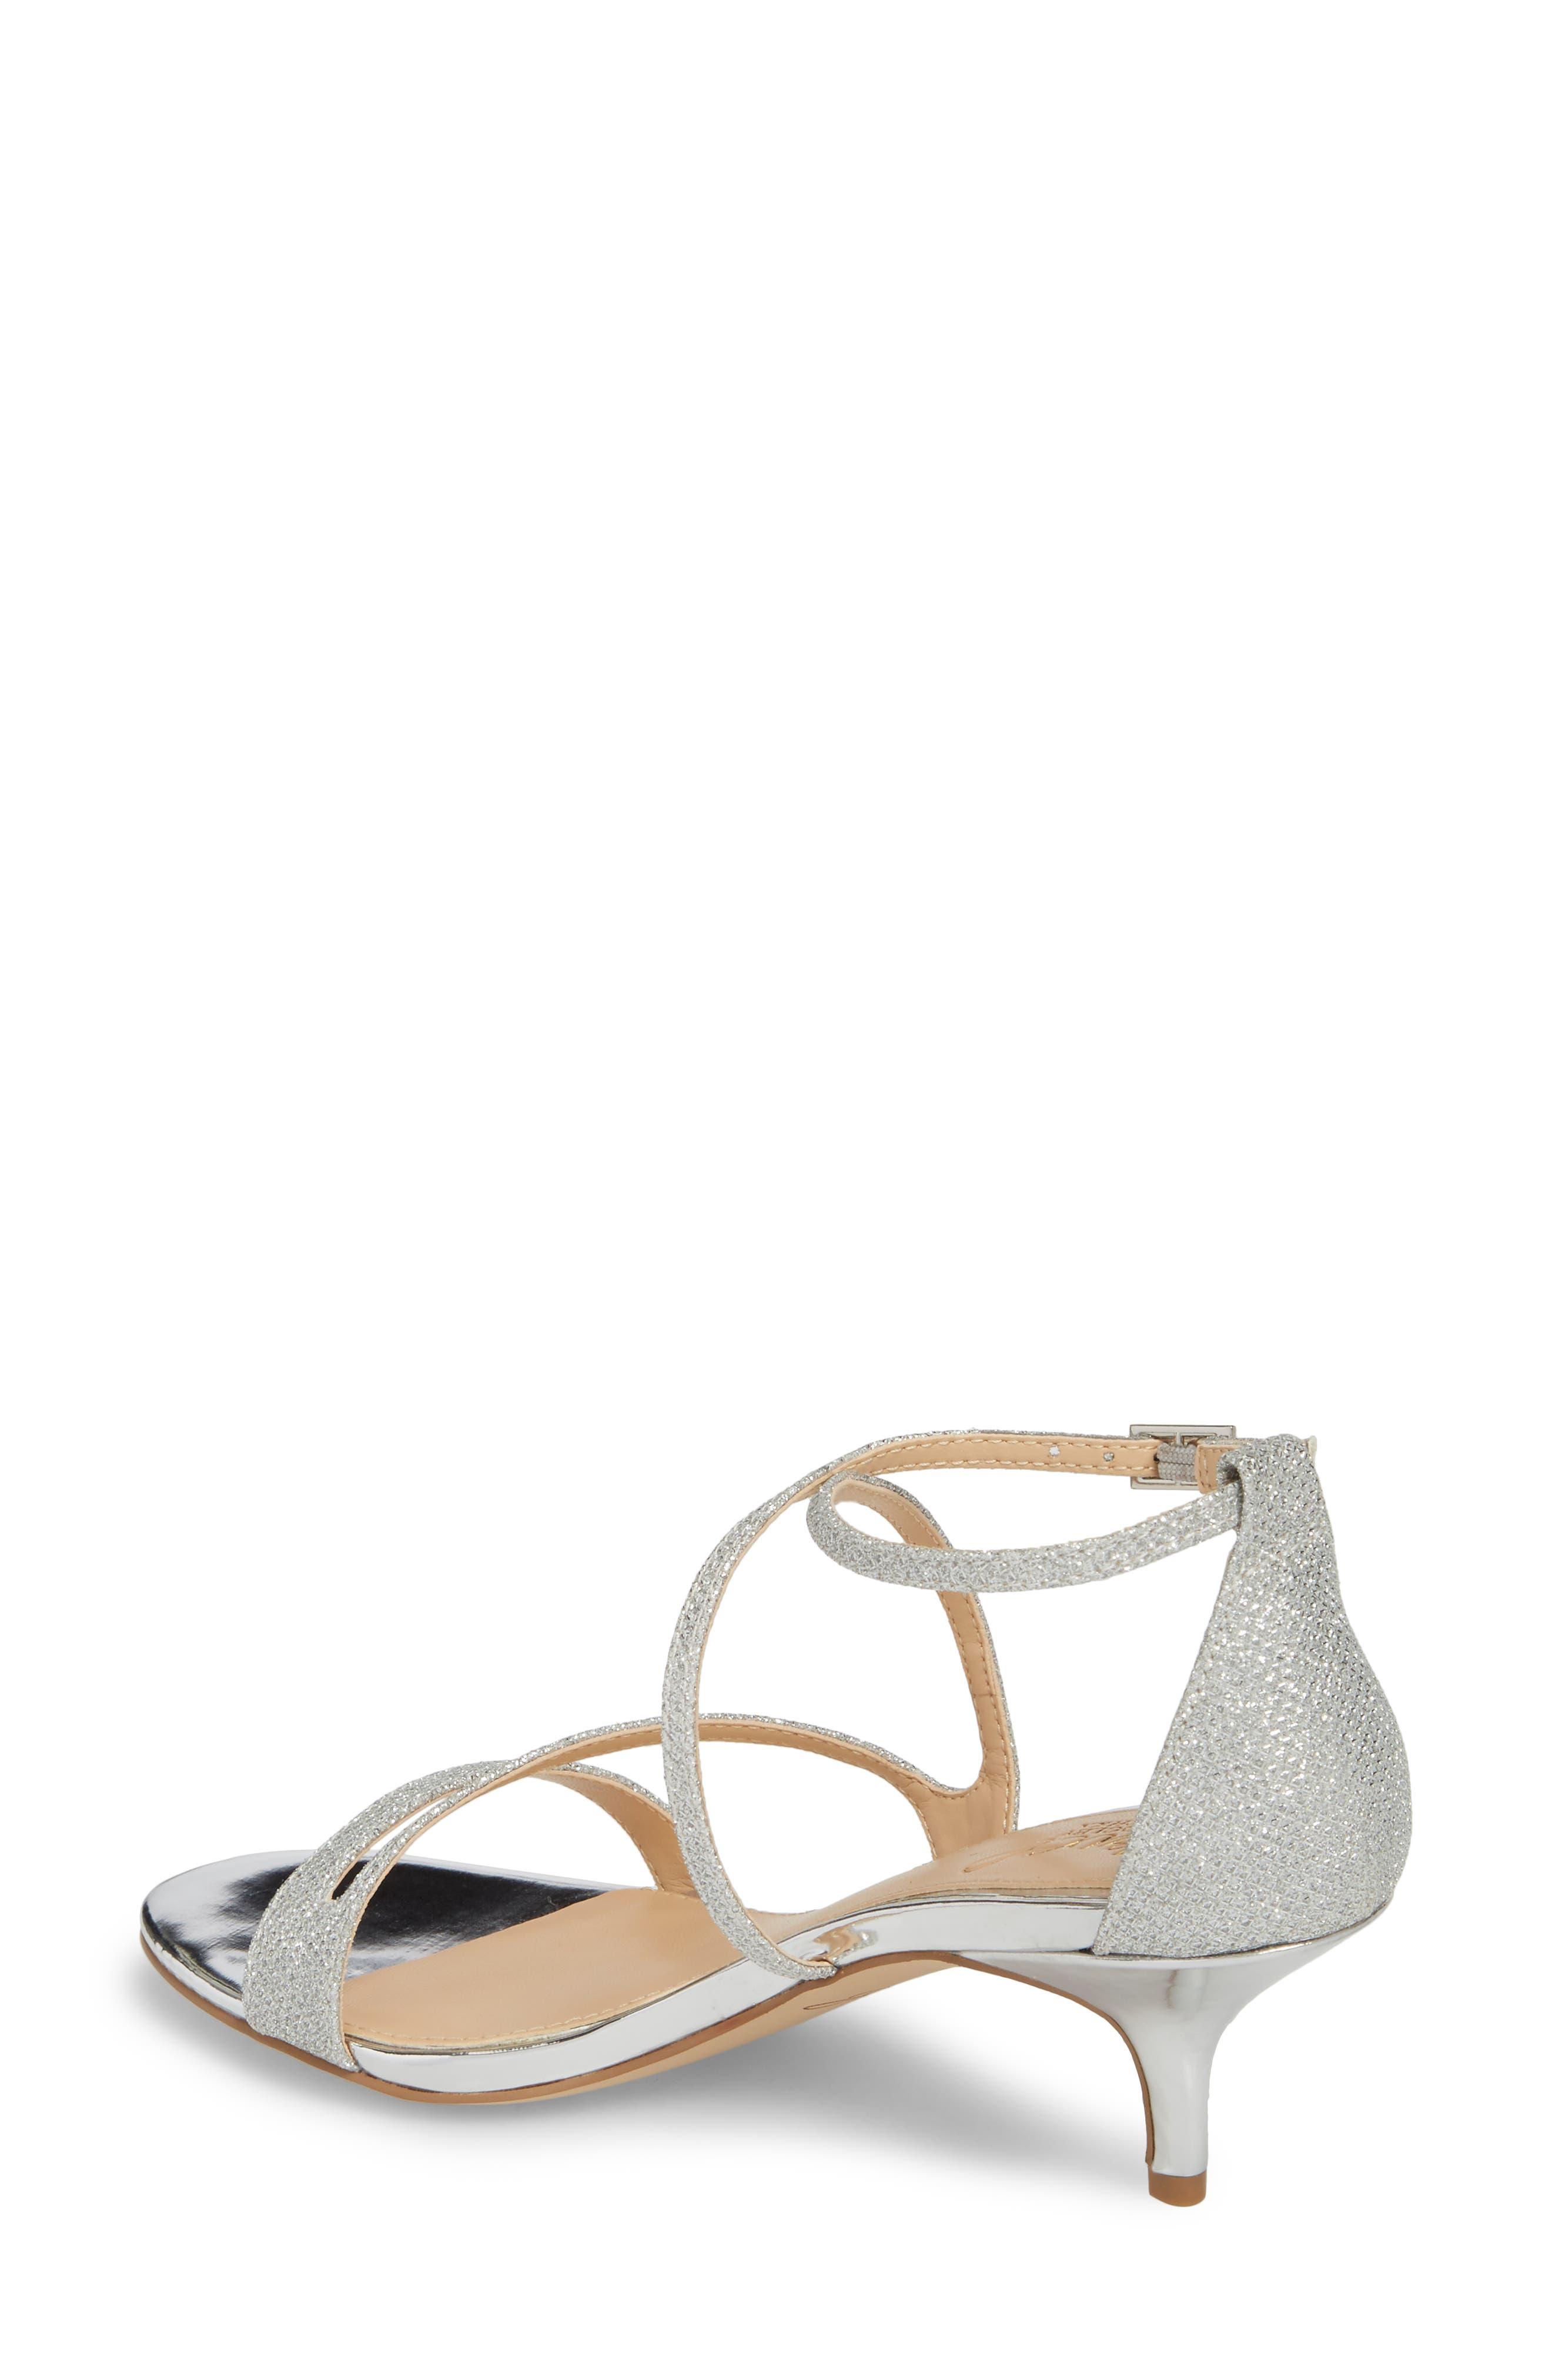 Gal Glitter Kitten Heel Sandal,                             Alternate thumbnail 2, color,                             Silver Glitter Fabric